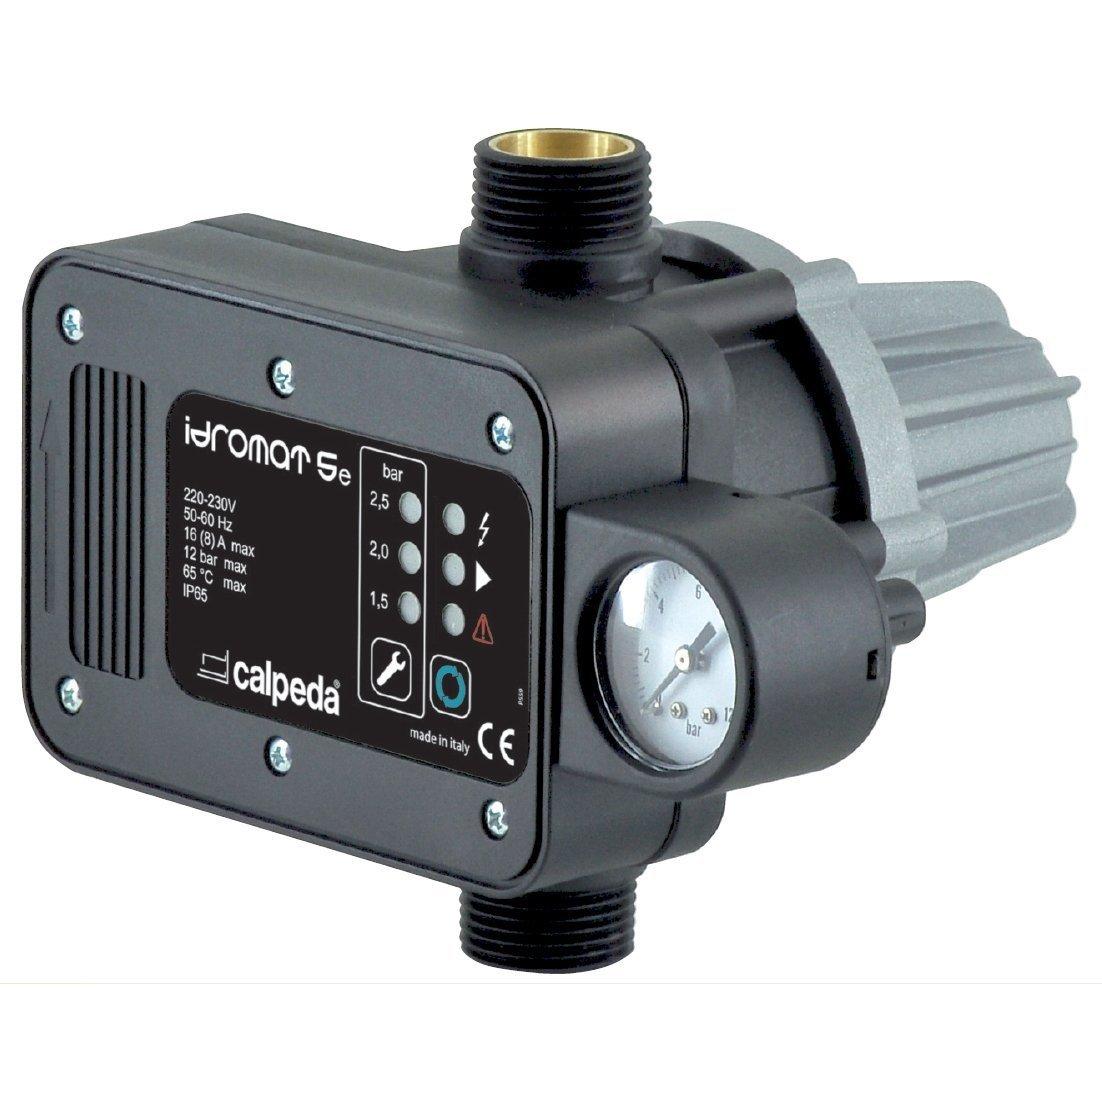 Regulador Bomba IDROMAT 5e Presion Regulable 1, 5/2, 5 115V-230V 50/60Hz CALPEDA